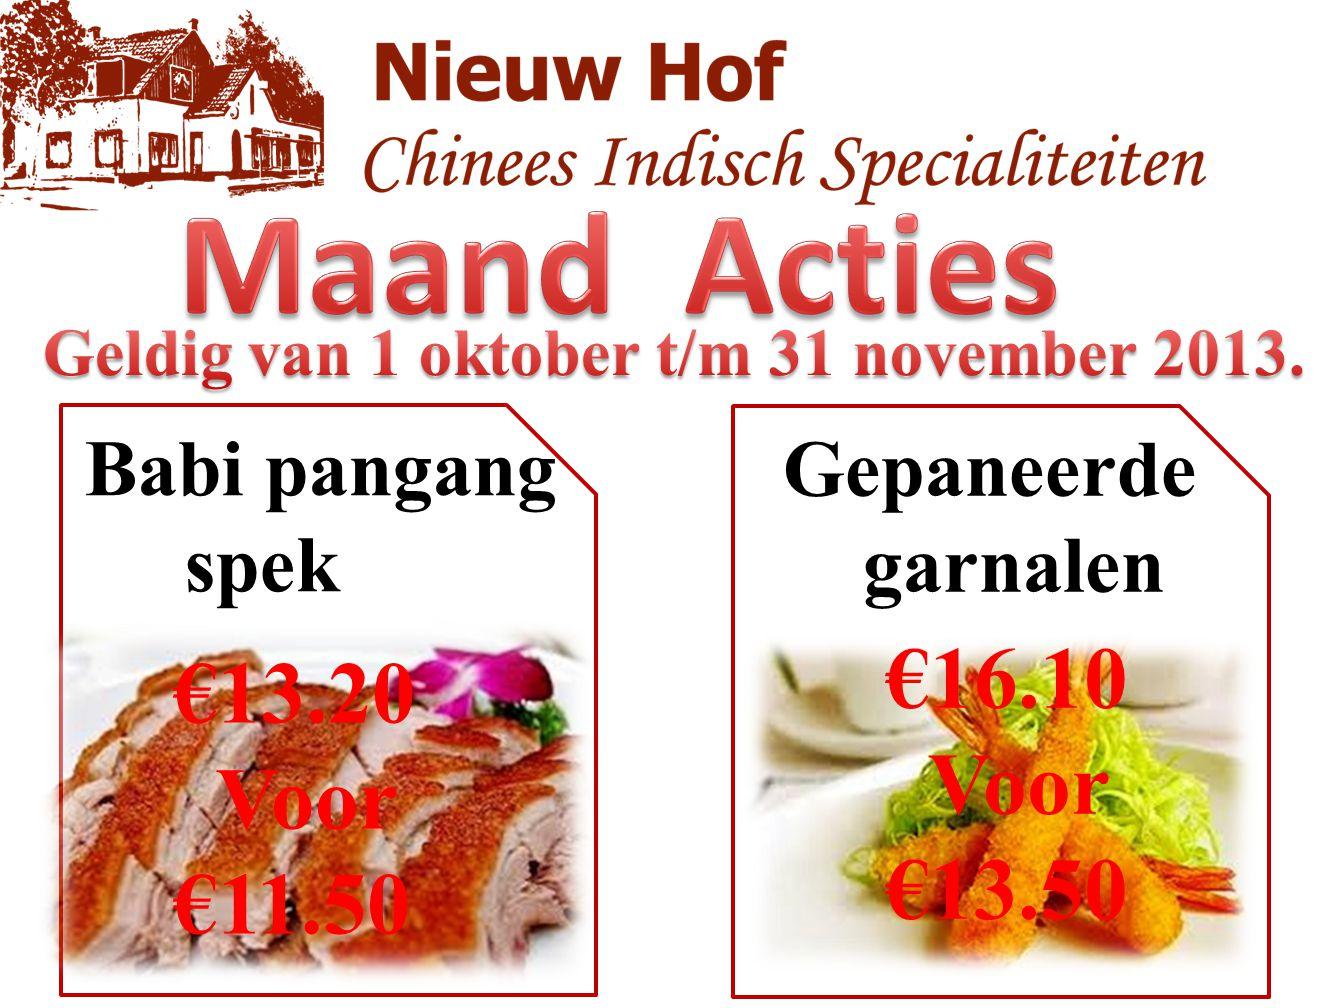 Maand Acties €16.10 €13.20 Voor Voor €13.50 €11.50 Babi pangang spek